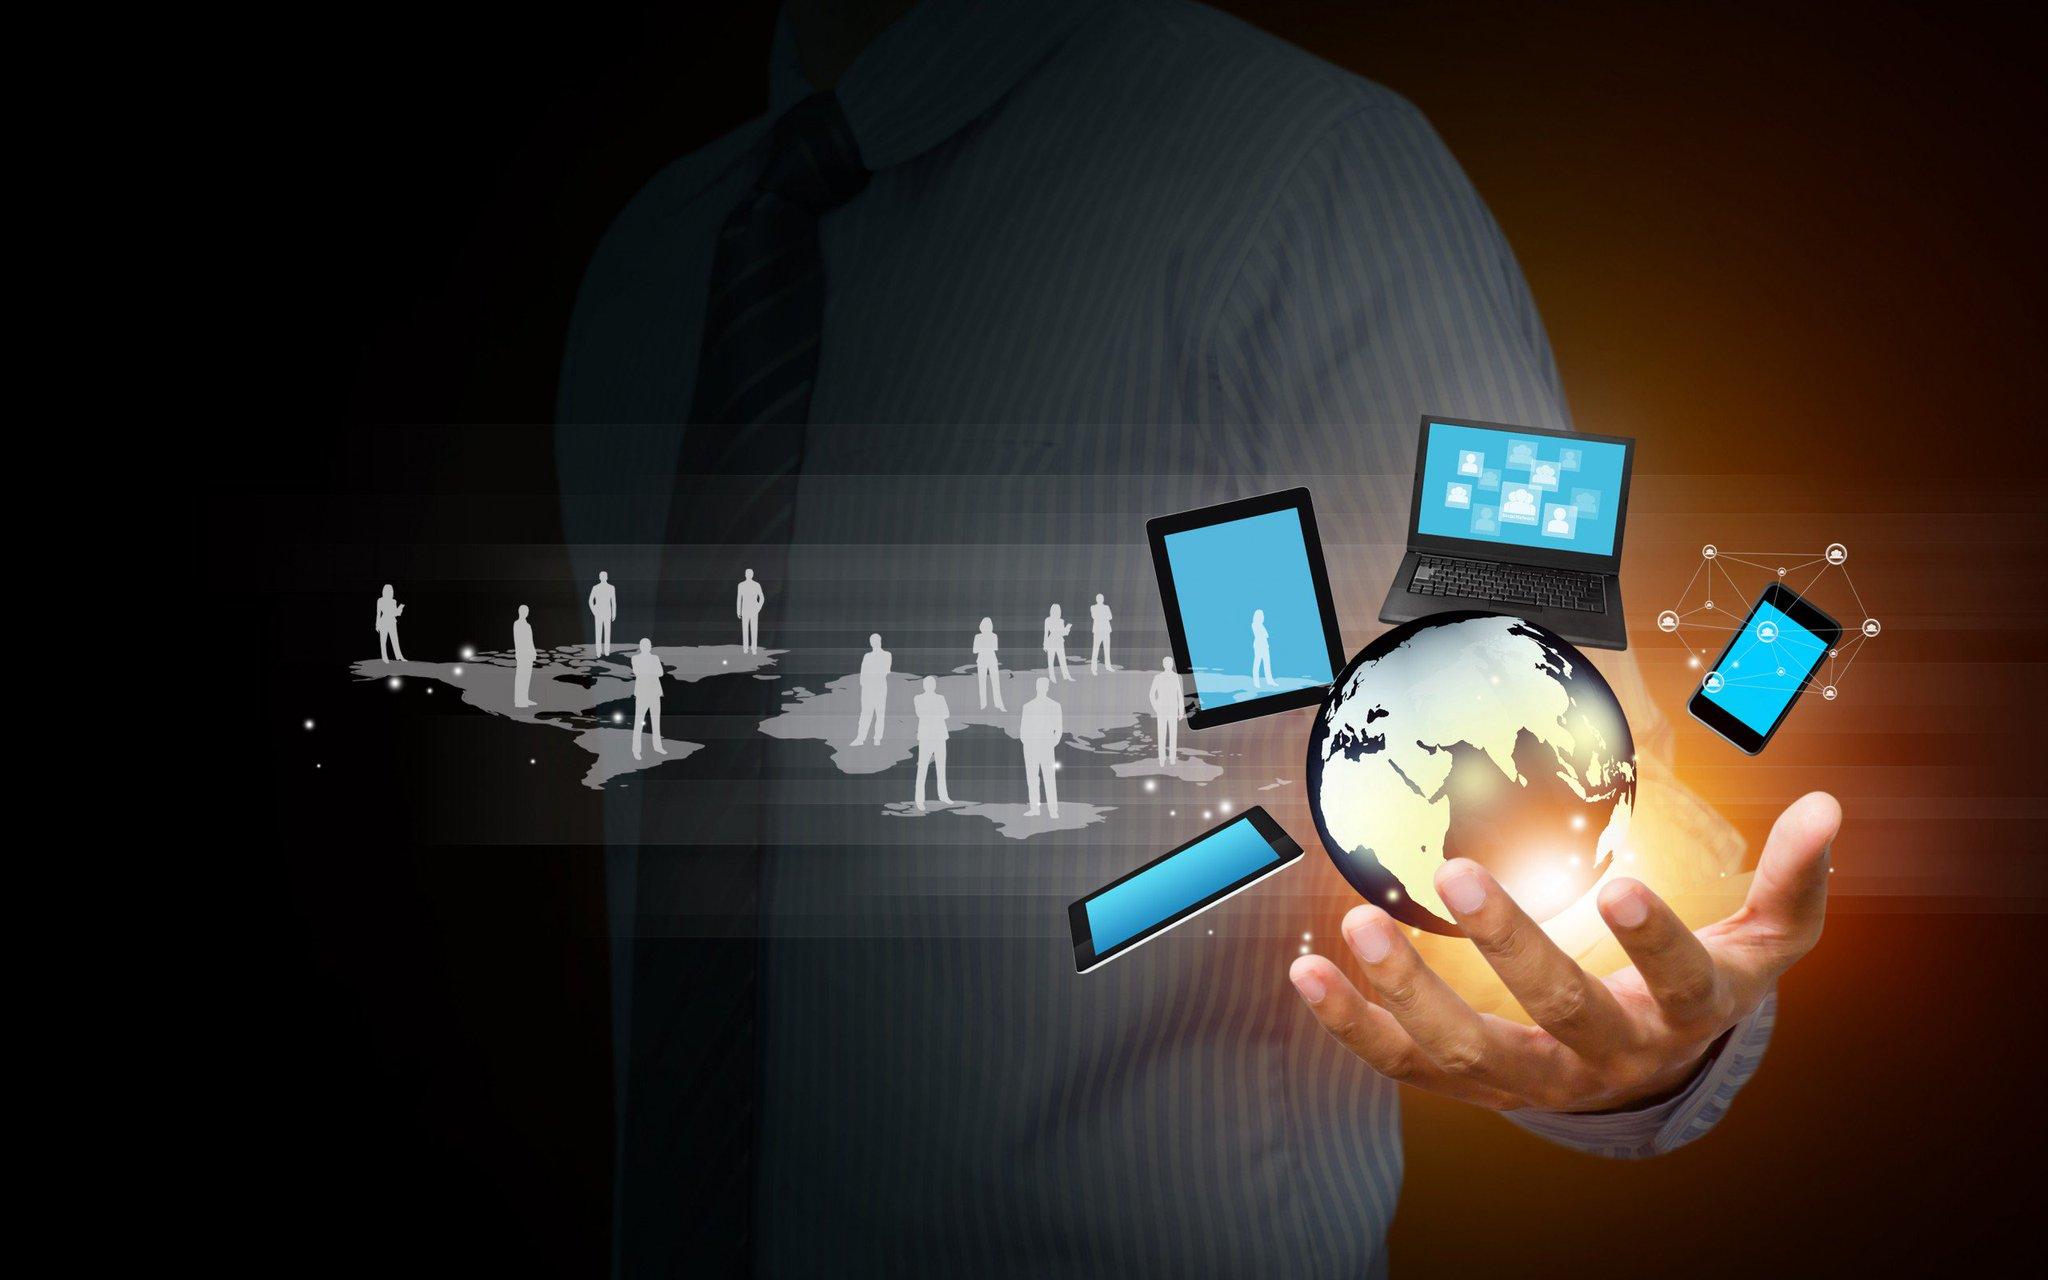 картинки информационные технологии в современном обществе